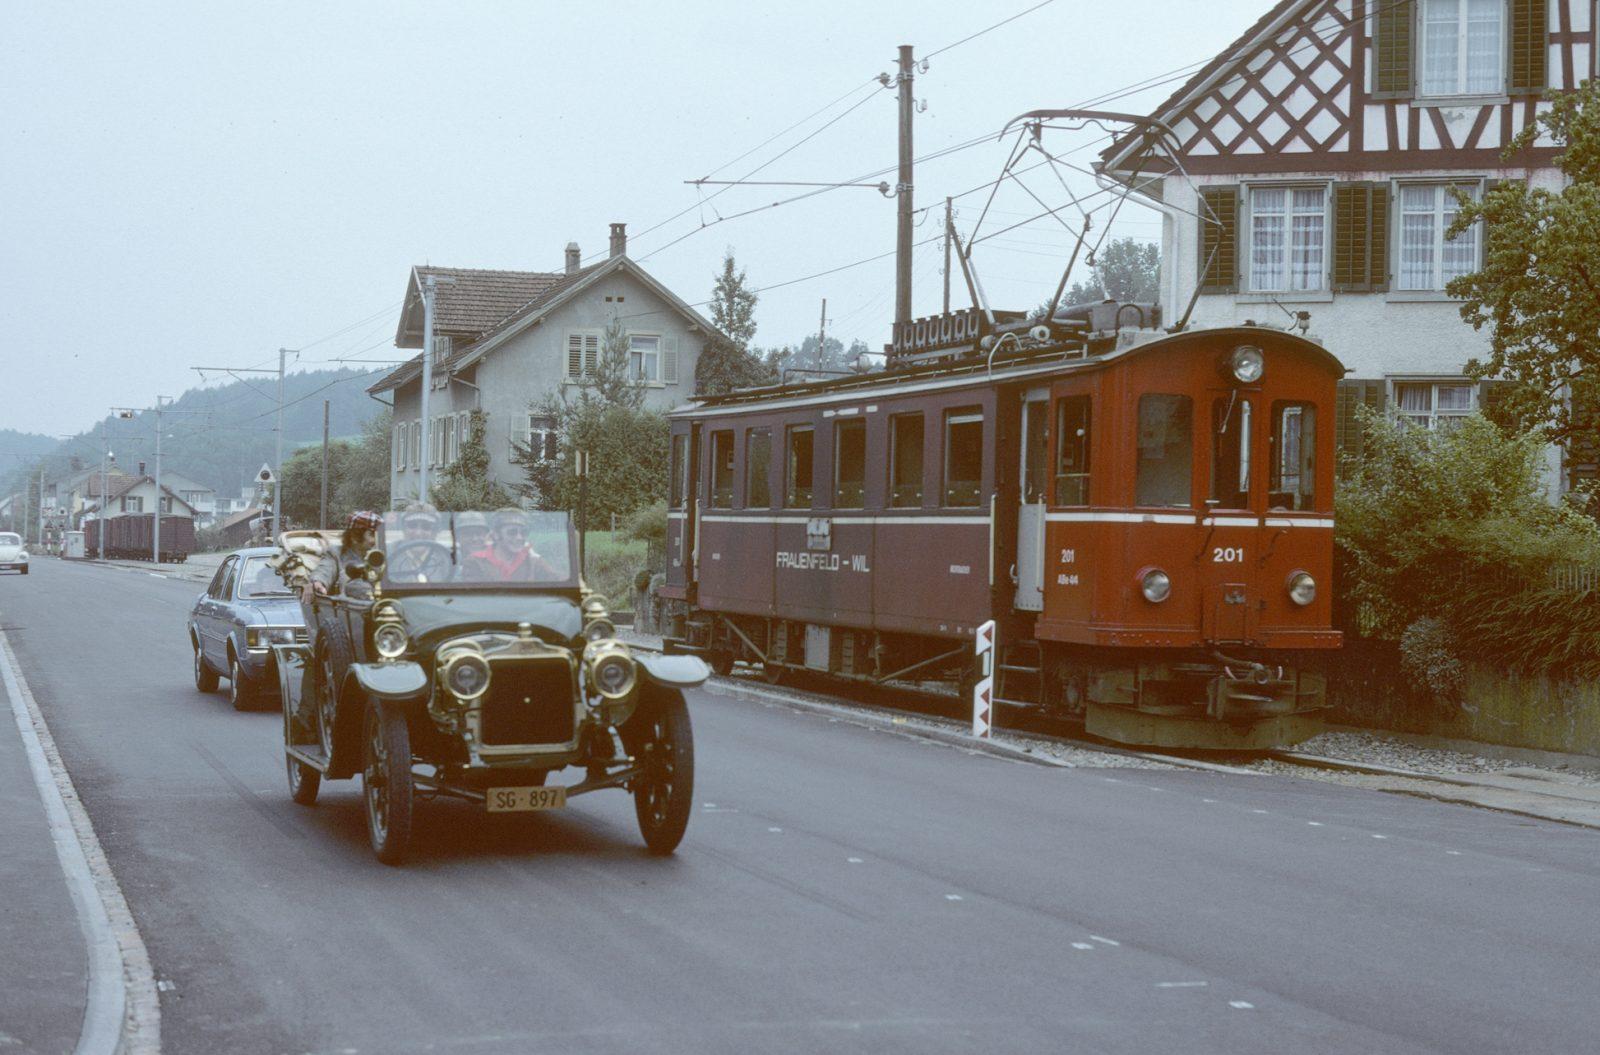 Frauenfeld Wil Bahn Triebwagen Matzingen Umland